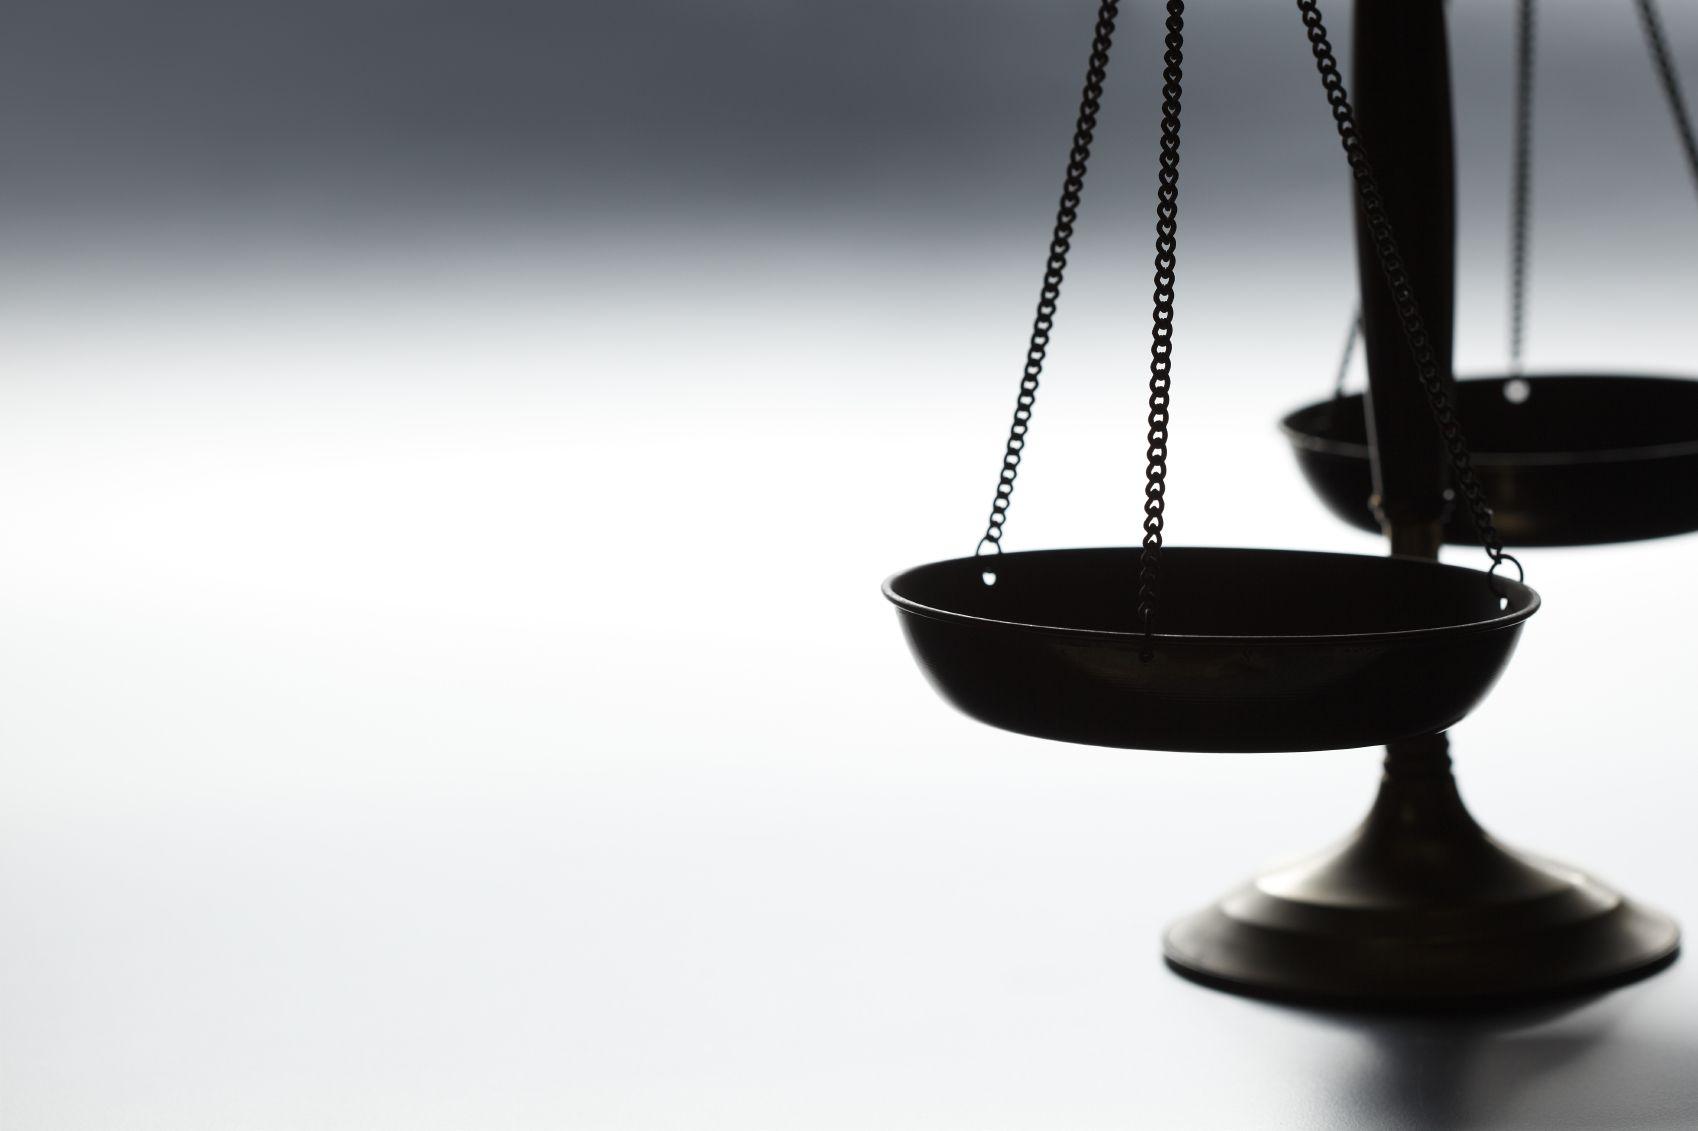 Il principio di buona fede tra diritto e quotidianità